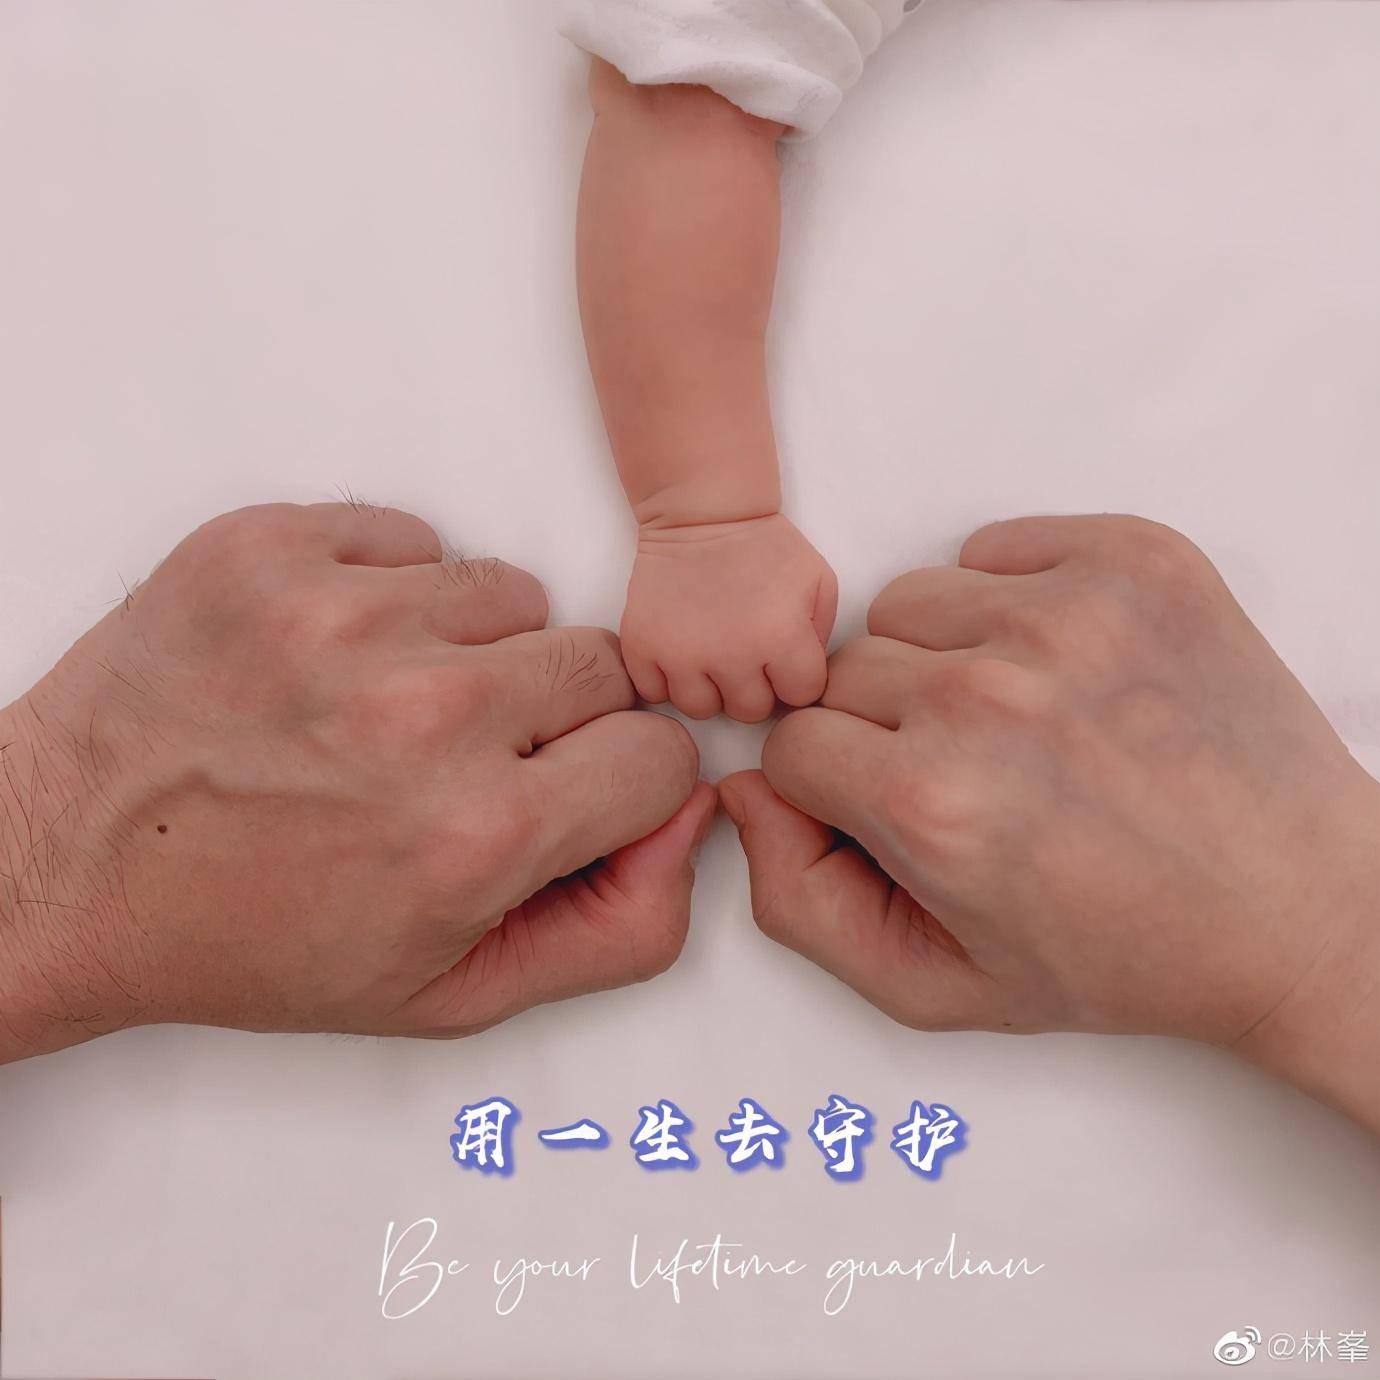 深圳奶妈可为成年人哺乳